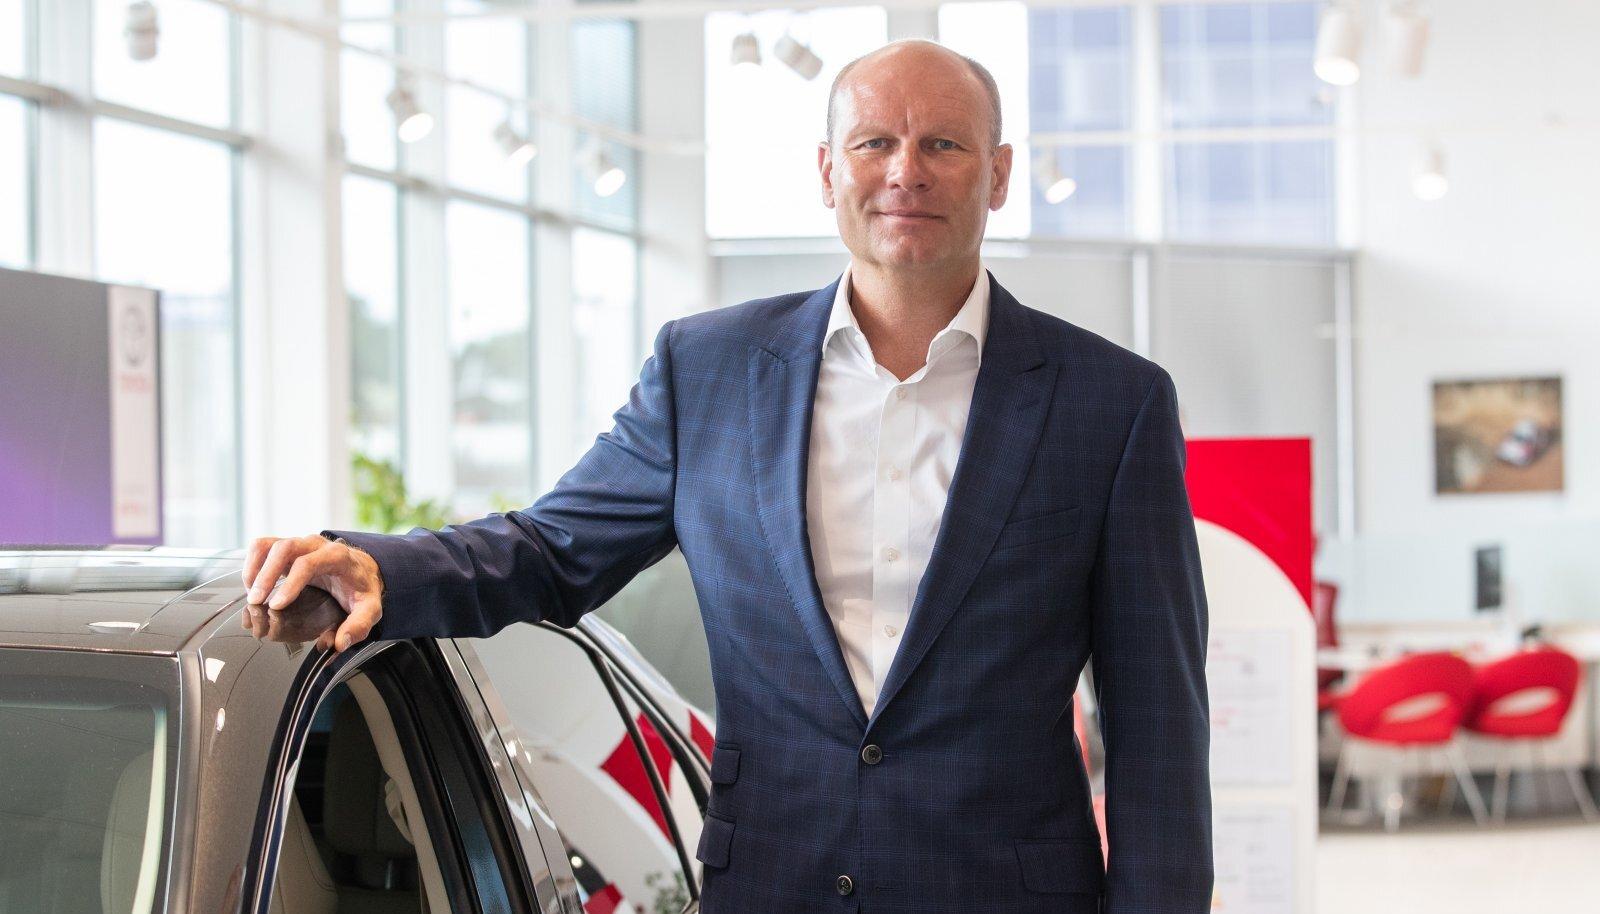 Amservi tegevjuht Rene Varek nentis, et erakliendid on hakanud taas müügisalongis käima, kuid mõne sektori ärikliendid peavad autopargi vahetamisega veel pikalt ootama.